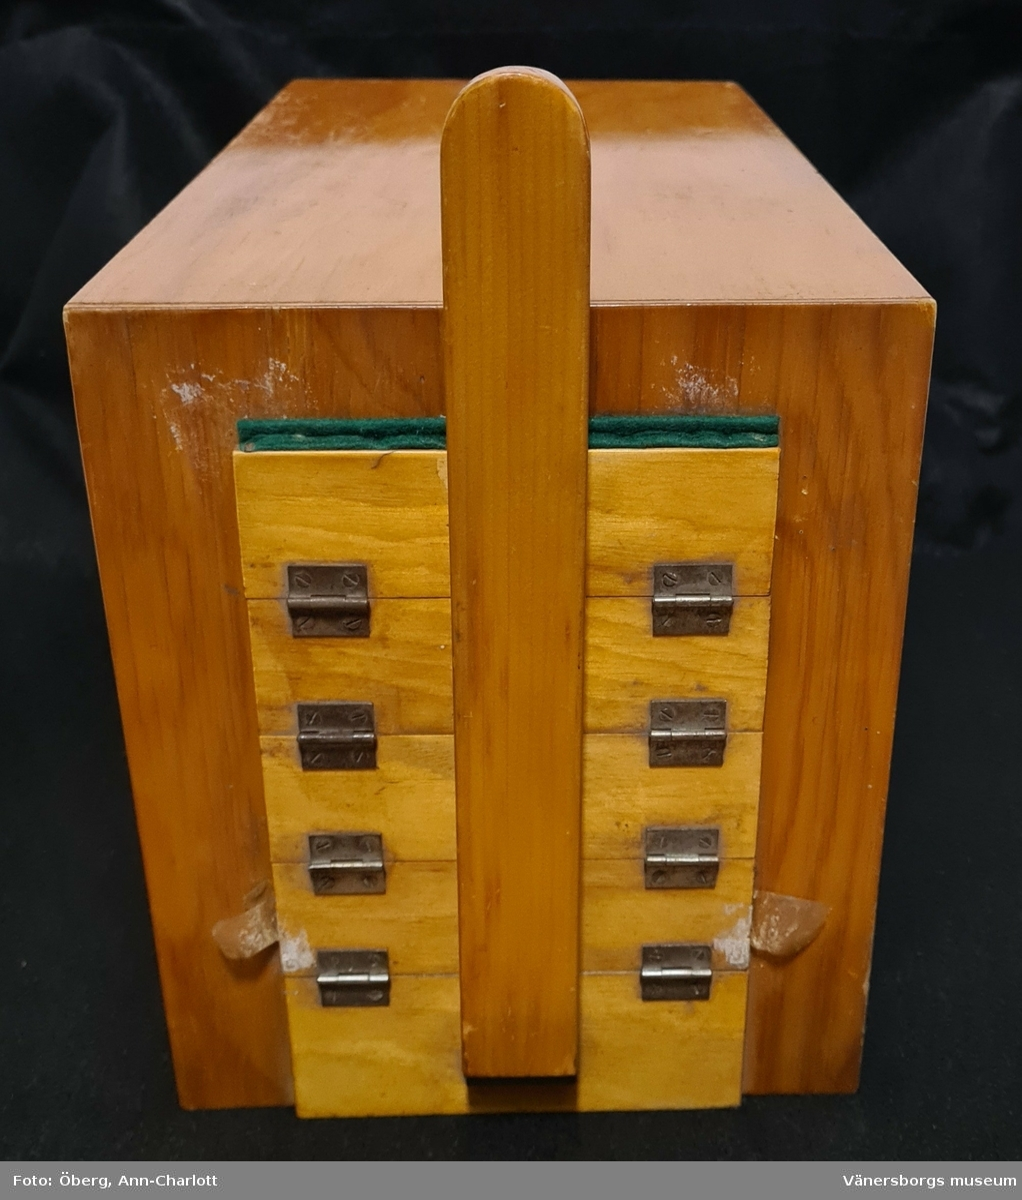 """Handbyggd kontaktkopieringsapparat. Tillverkad i trä. Luckan låses fast med en metallklämma. Luckan är försedd medd olika nivåer. Innanför finns det en grön filt och innanför det en opak glasskiva. Inne i apparaten finns det två glödlampor, en röd och en klar lampa. Den röda användes för inställning och den """"vanliga"""" för exponering.  Glasskivan (vit) ligger löst, fastpressad mellan filten på träribborna och list på lådan. Glasskivan behöver lyftas när glödlamporna skall bytas."""